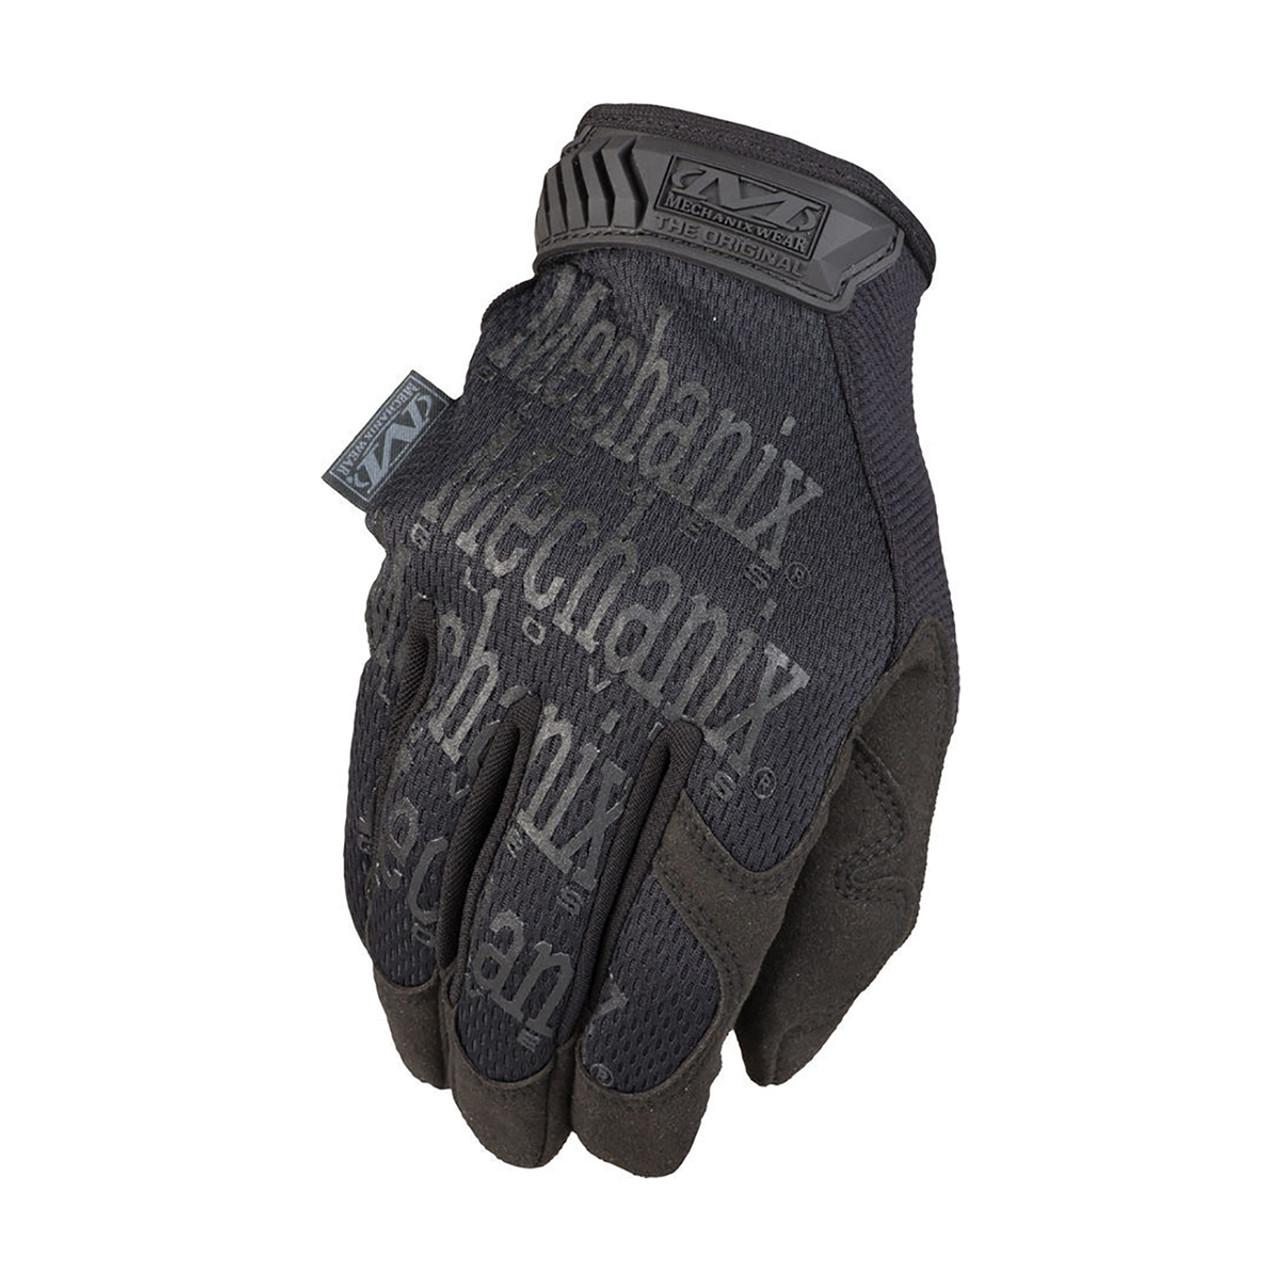 mechanix the original covert tactical gloves 2 pack